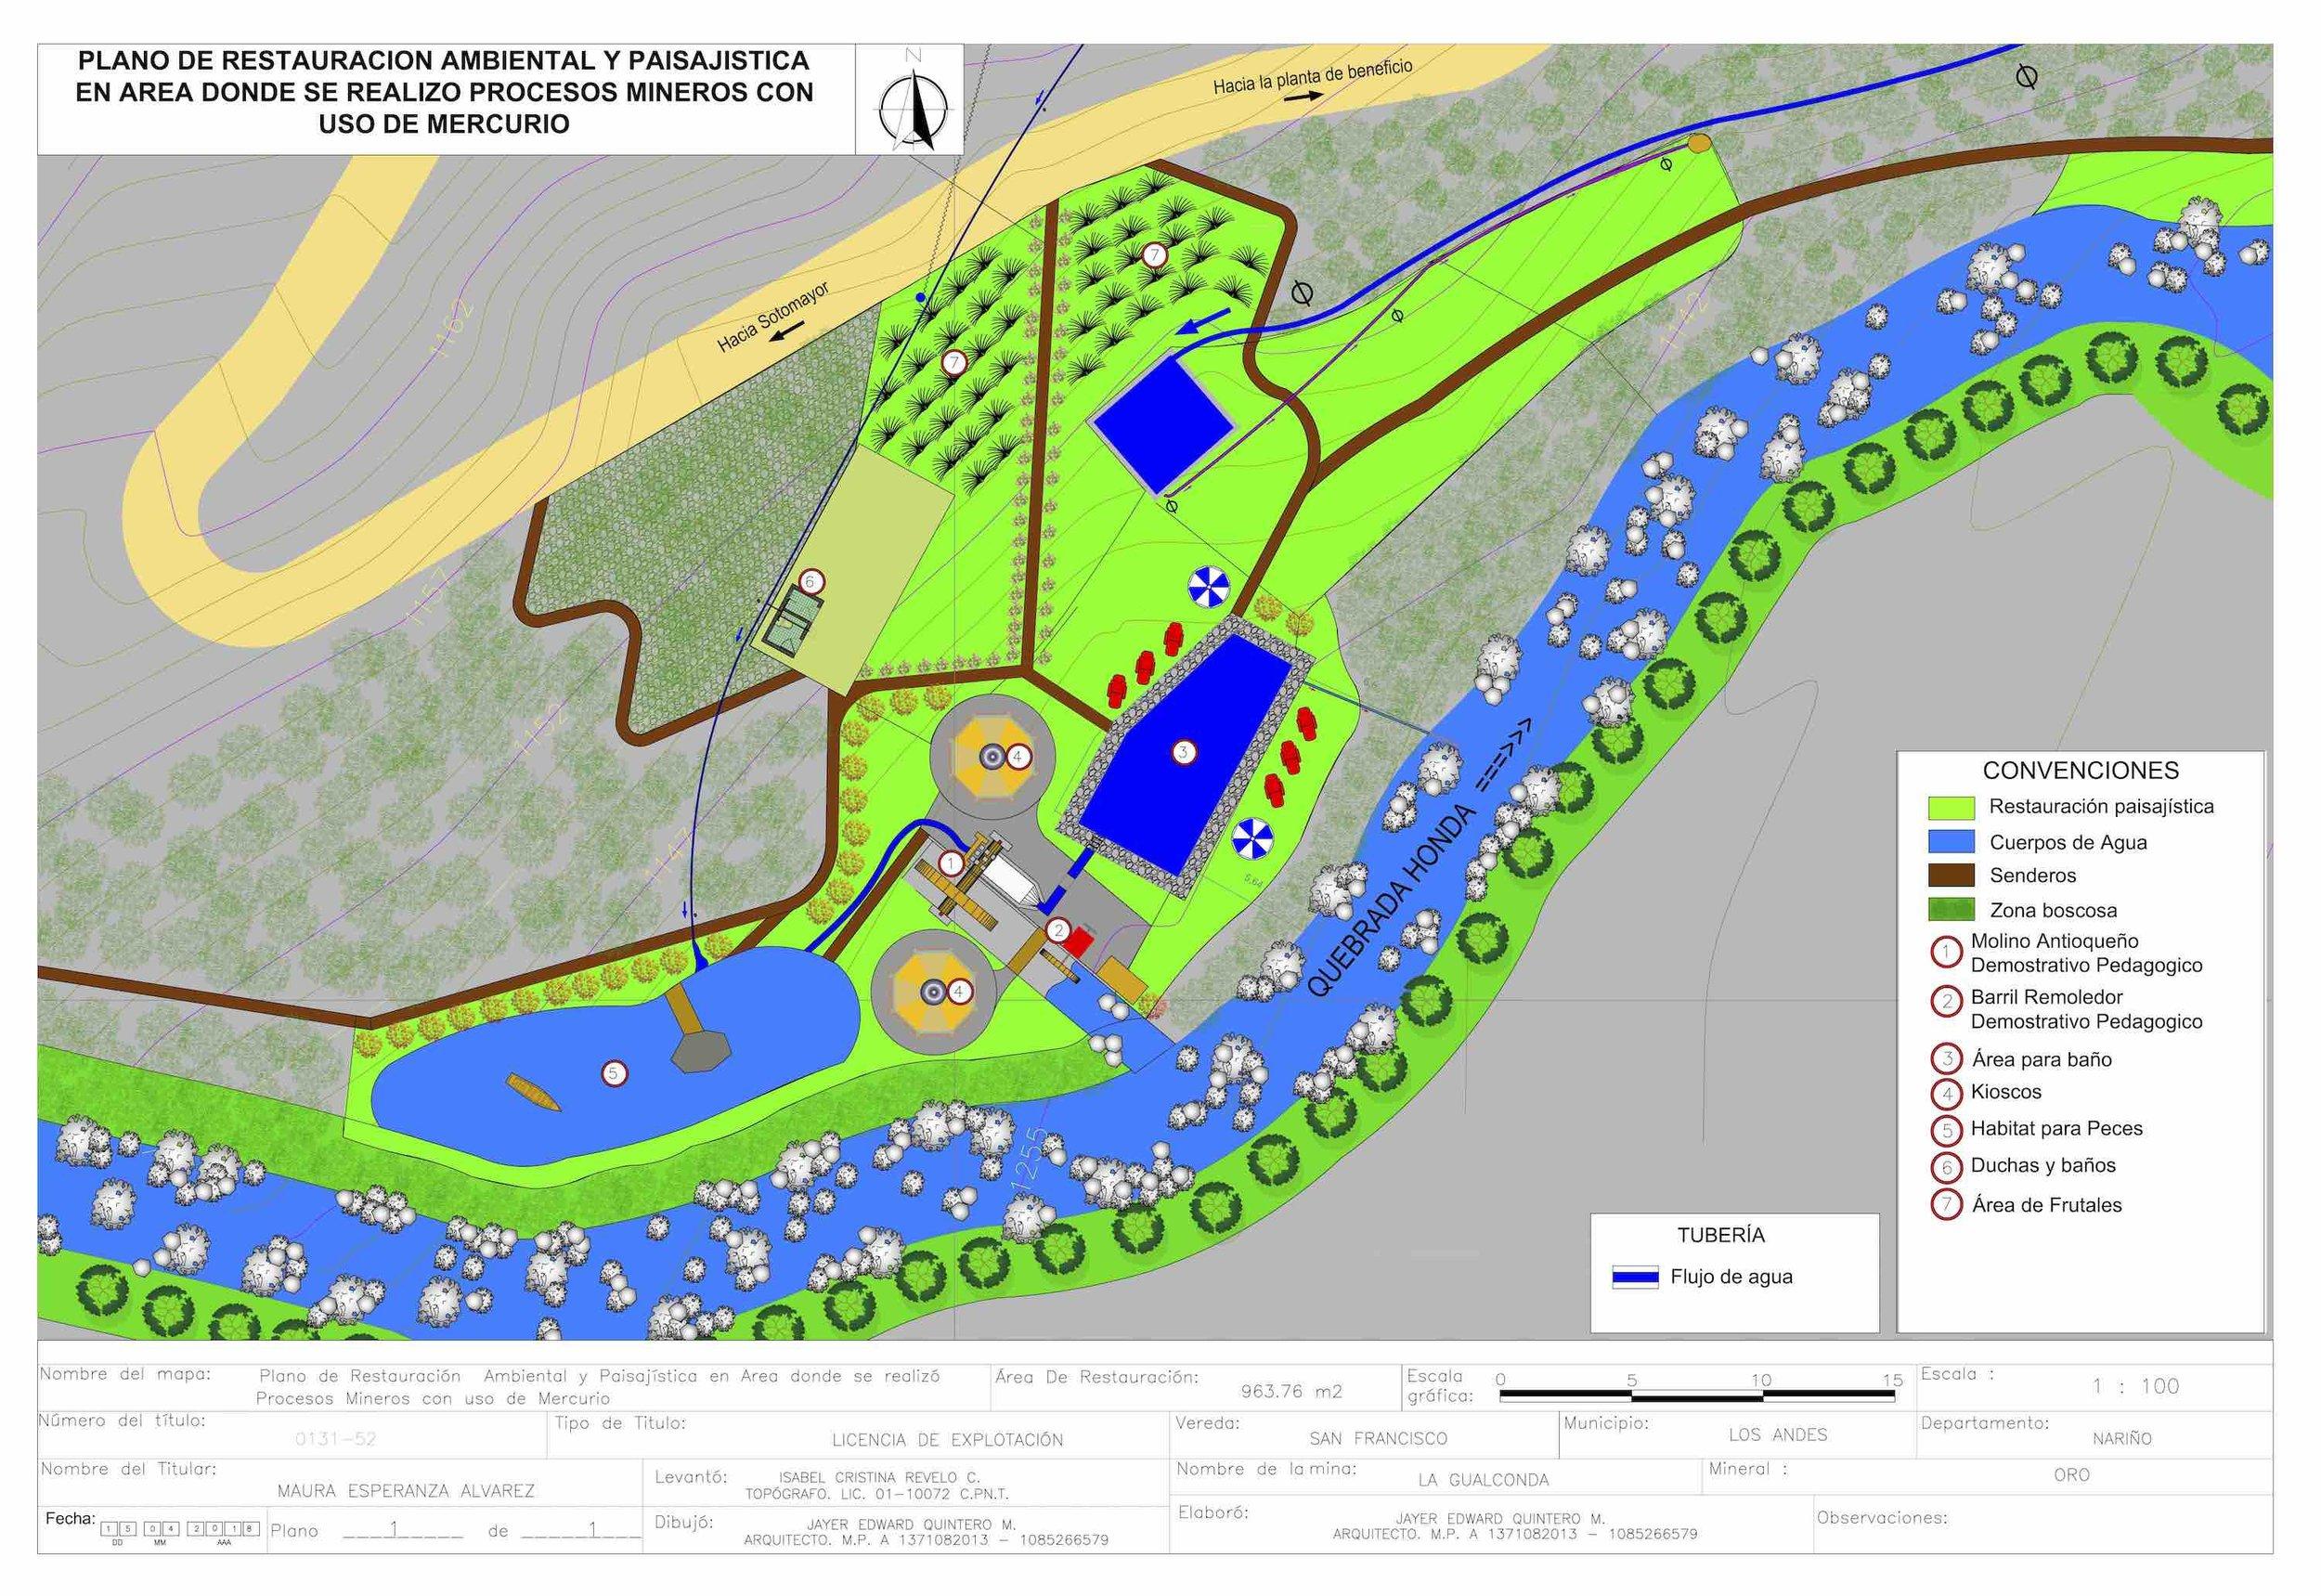 Plan de la zona restaurada desarrollado por las autoridades ambientales de la región.